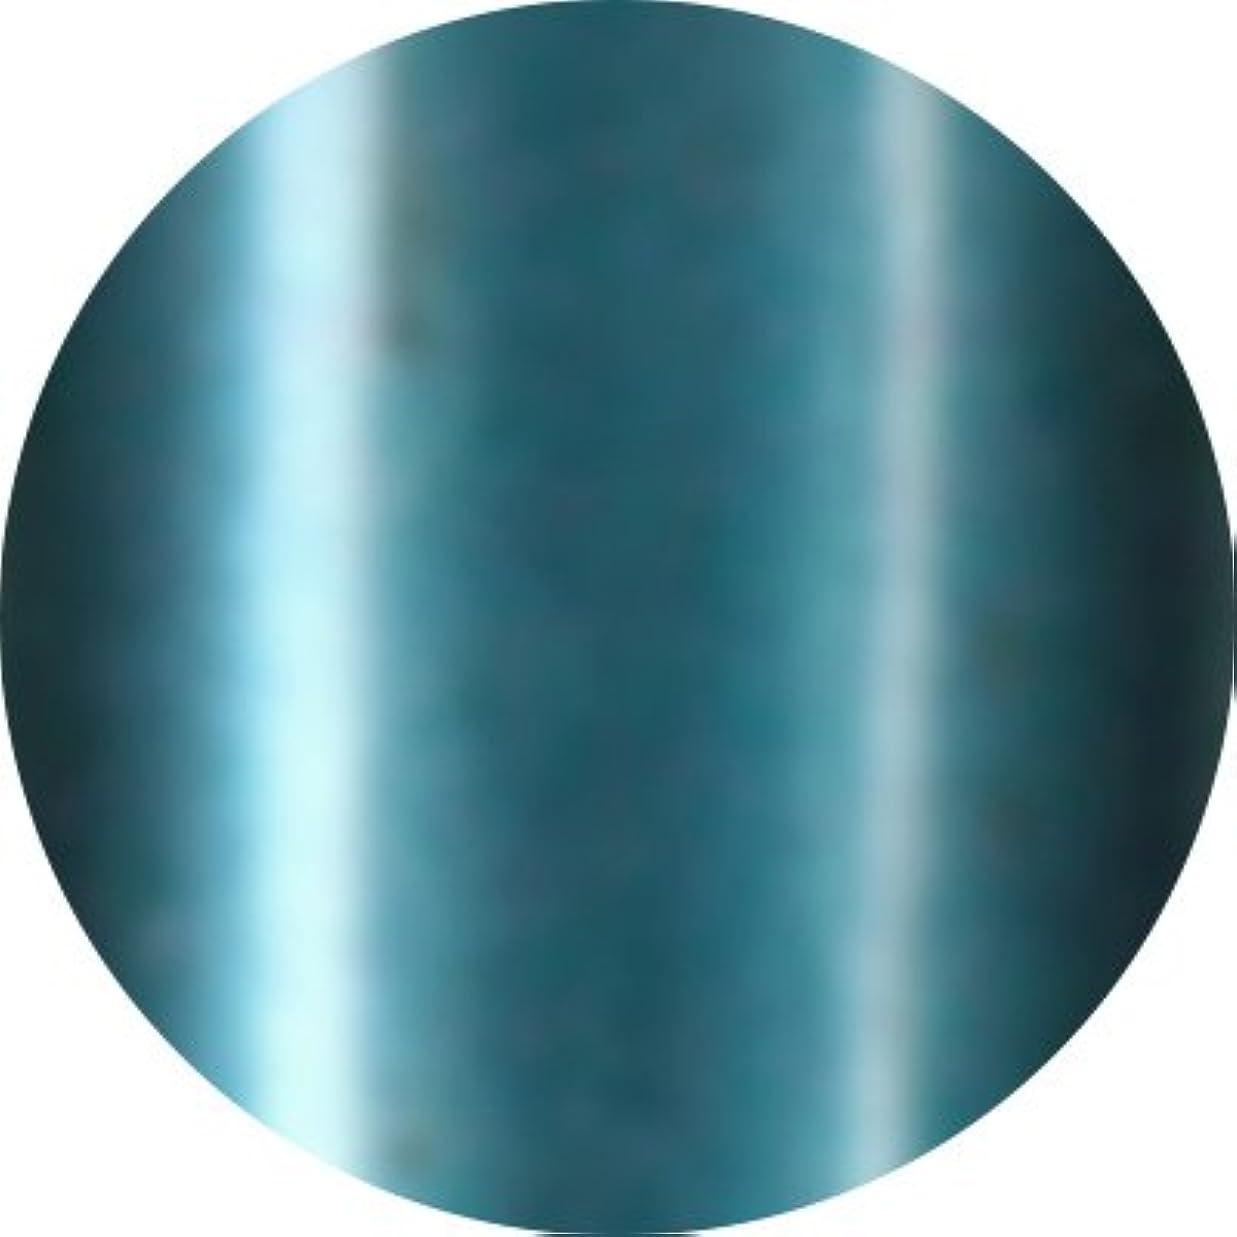 銅苦行男らしいJewelry jel(ジュエリージェル) カラージェル 5ml<BR>メタリック MT033